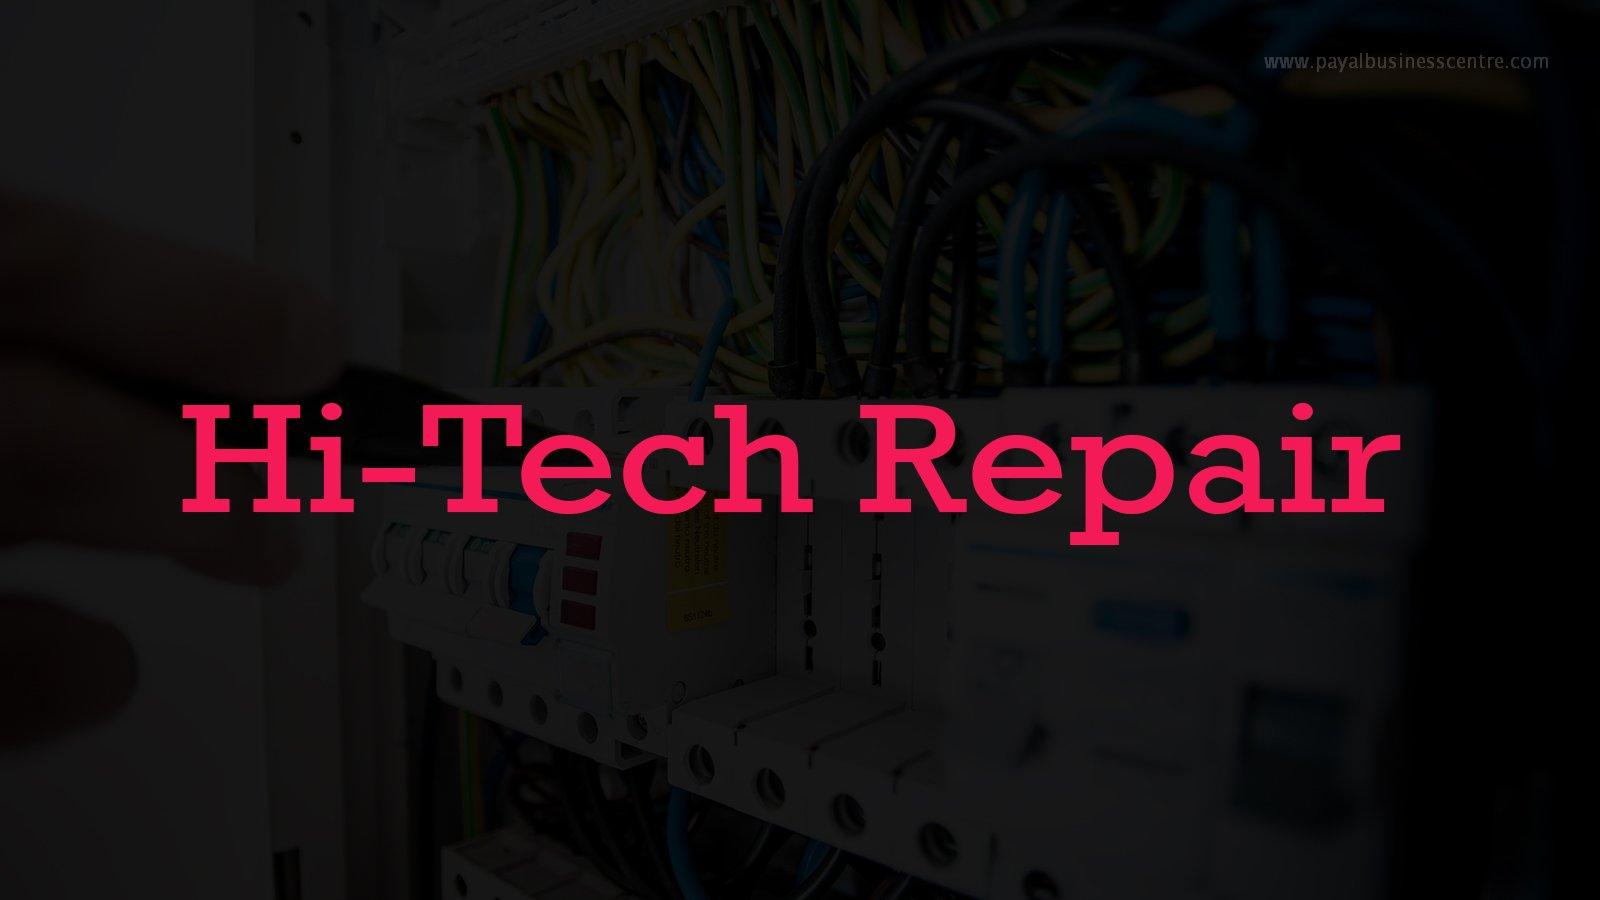 Hi-Tech Repair